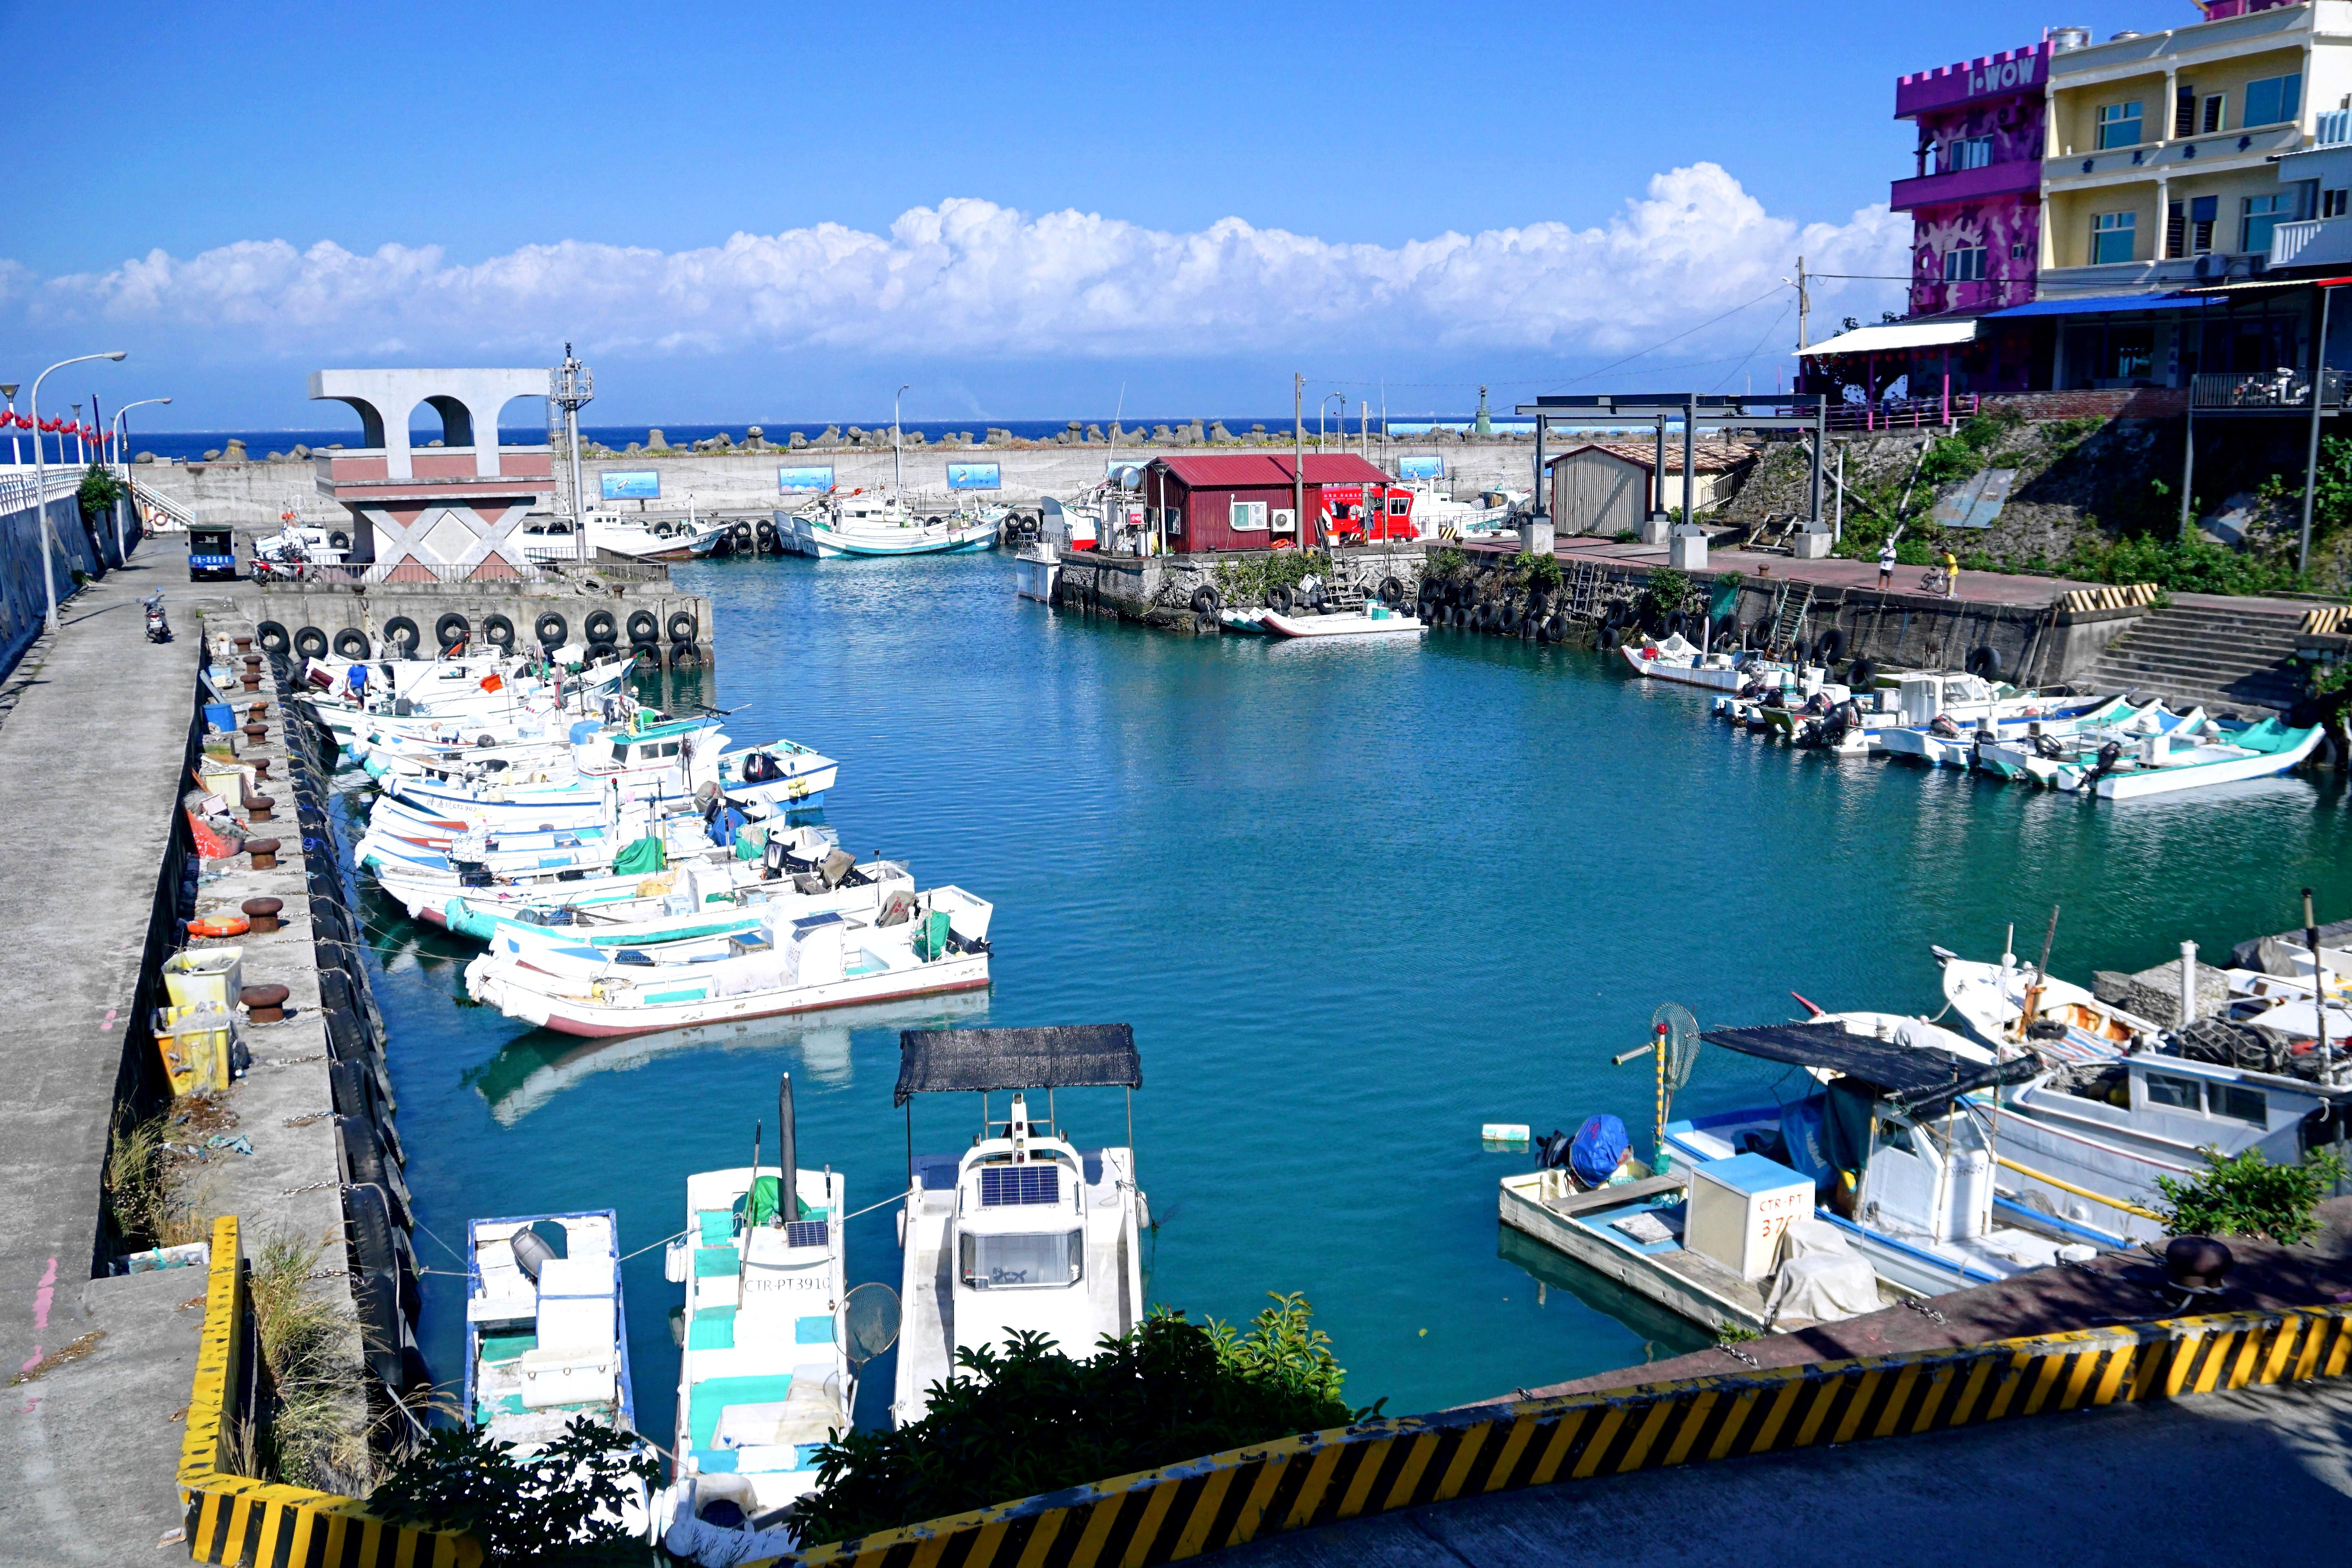 花瓶岩。珊瑚礁浮潛勝地|小琉球遊客中心的希臘角落